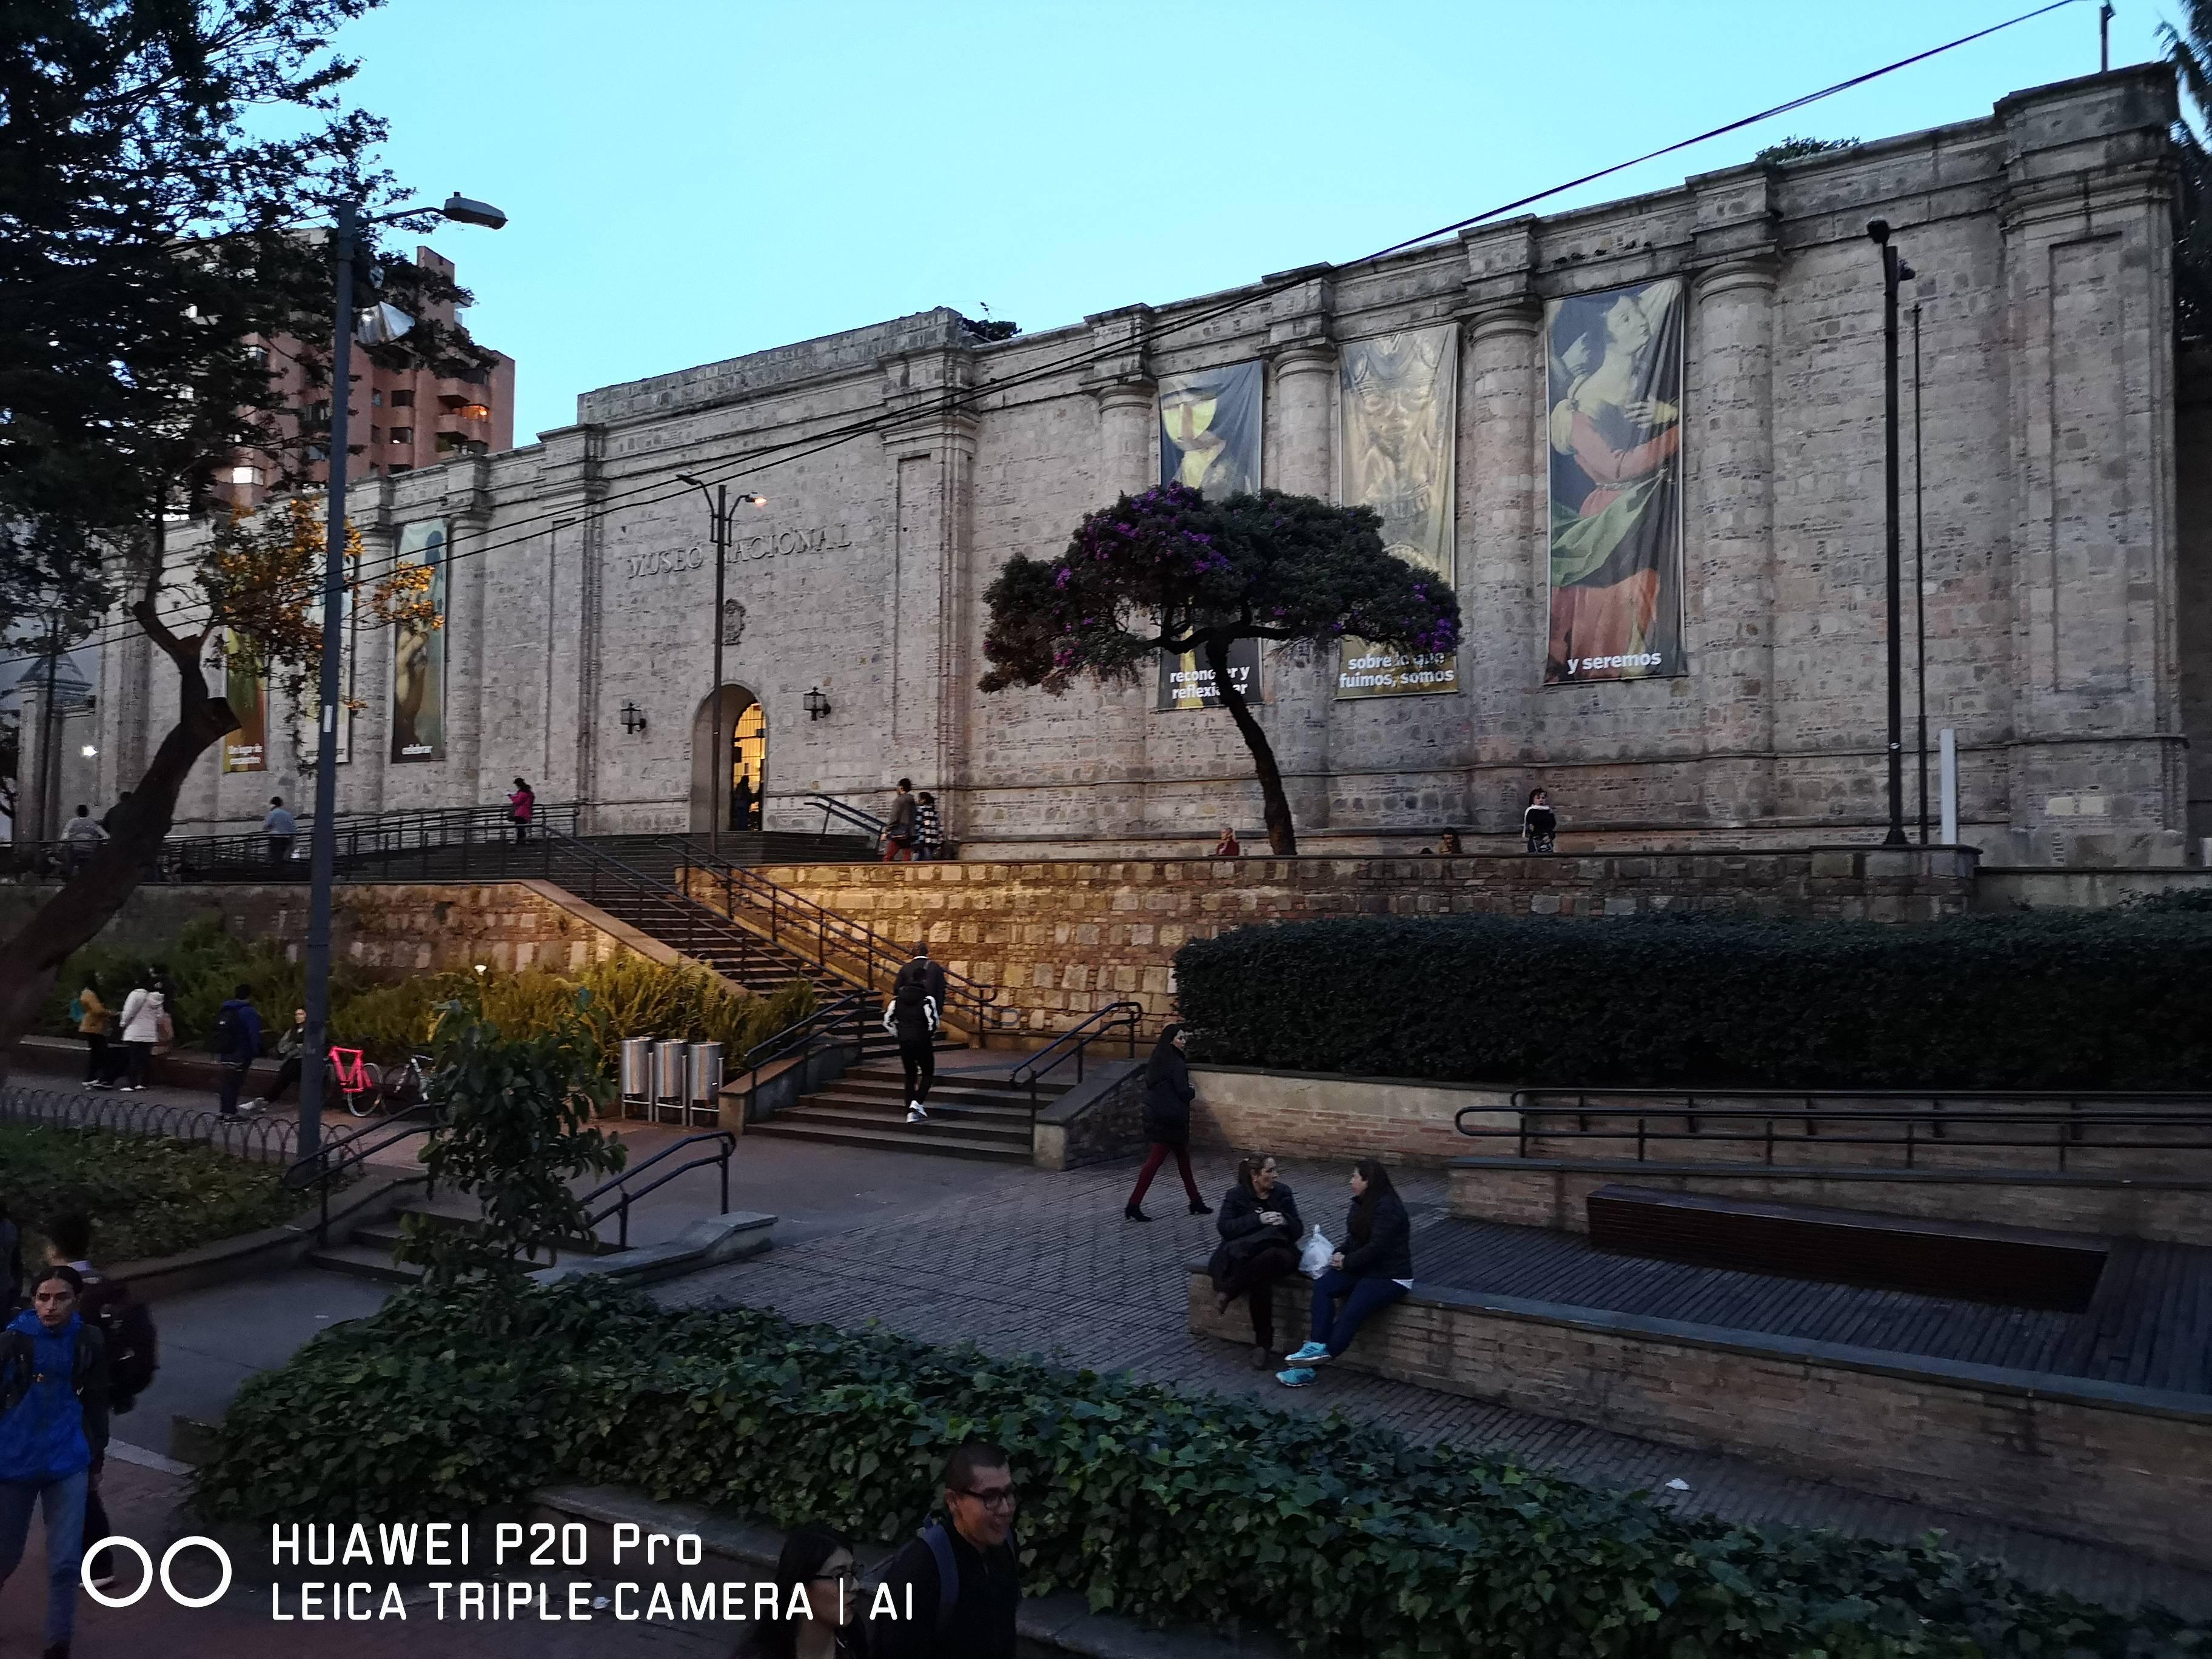 Así es Bogotá vista desde la cámara del Huawei P20 Pro